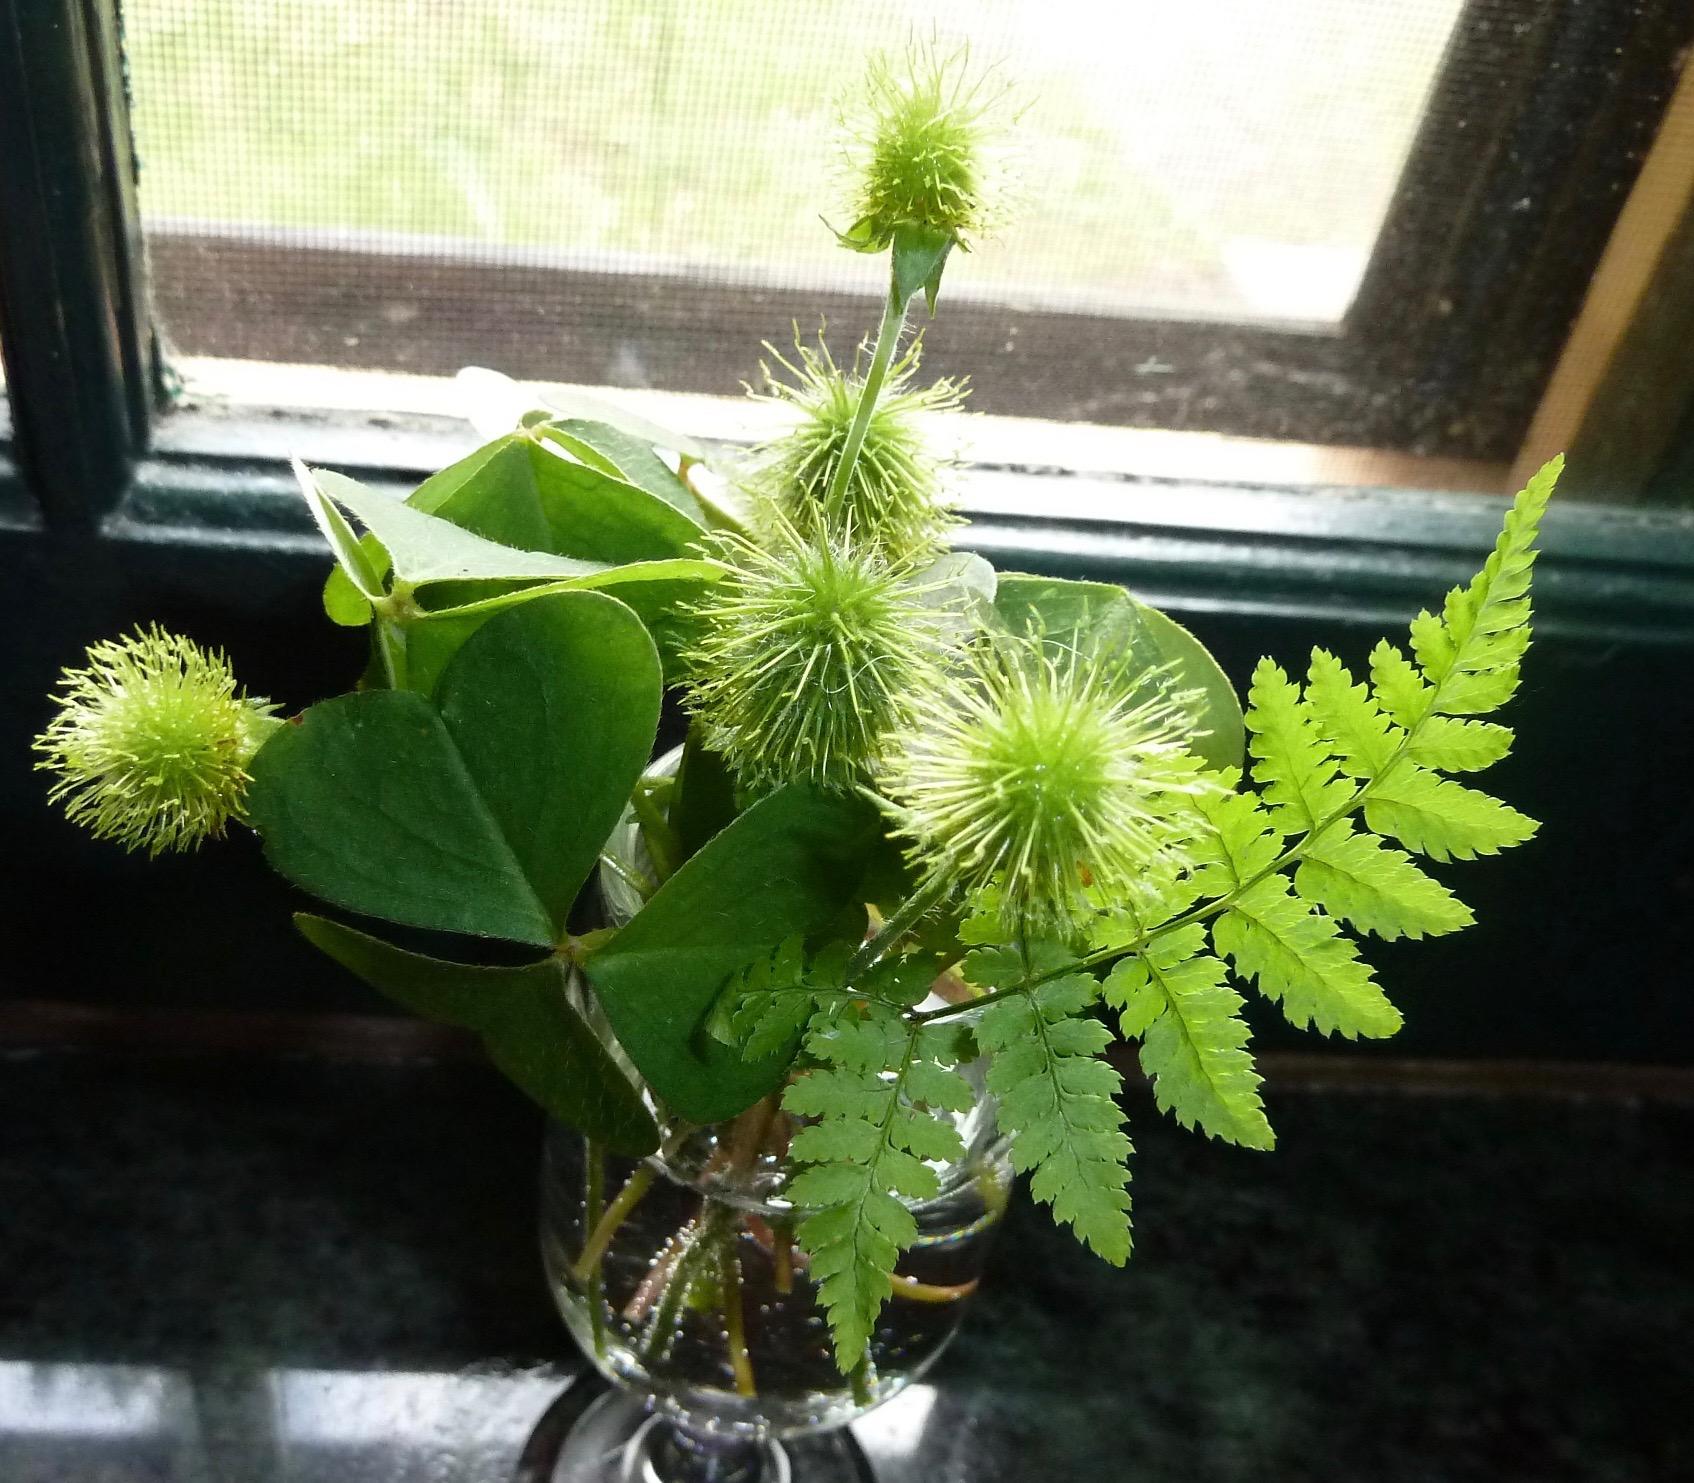 ferns & seedheads